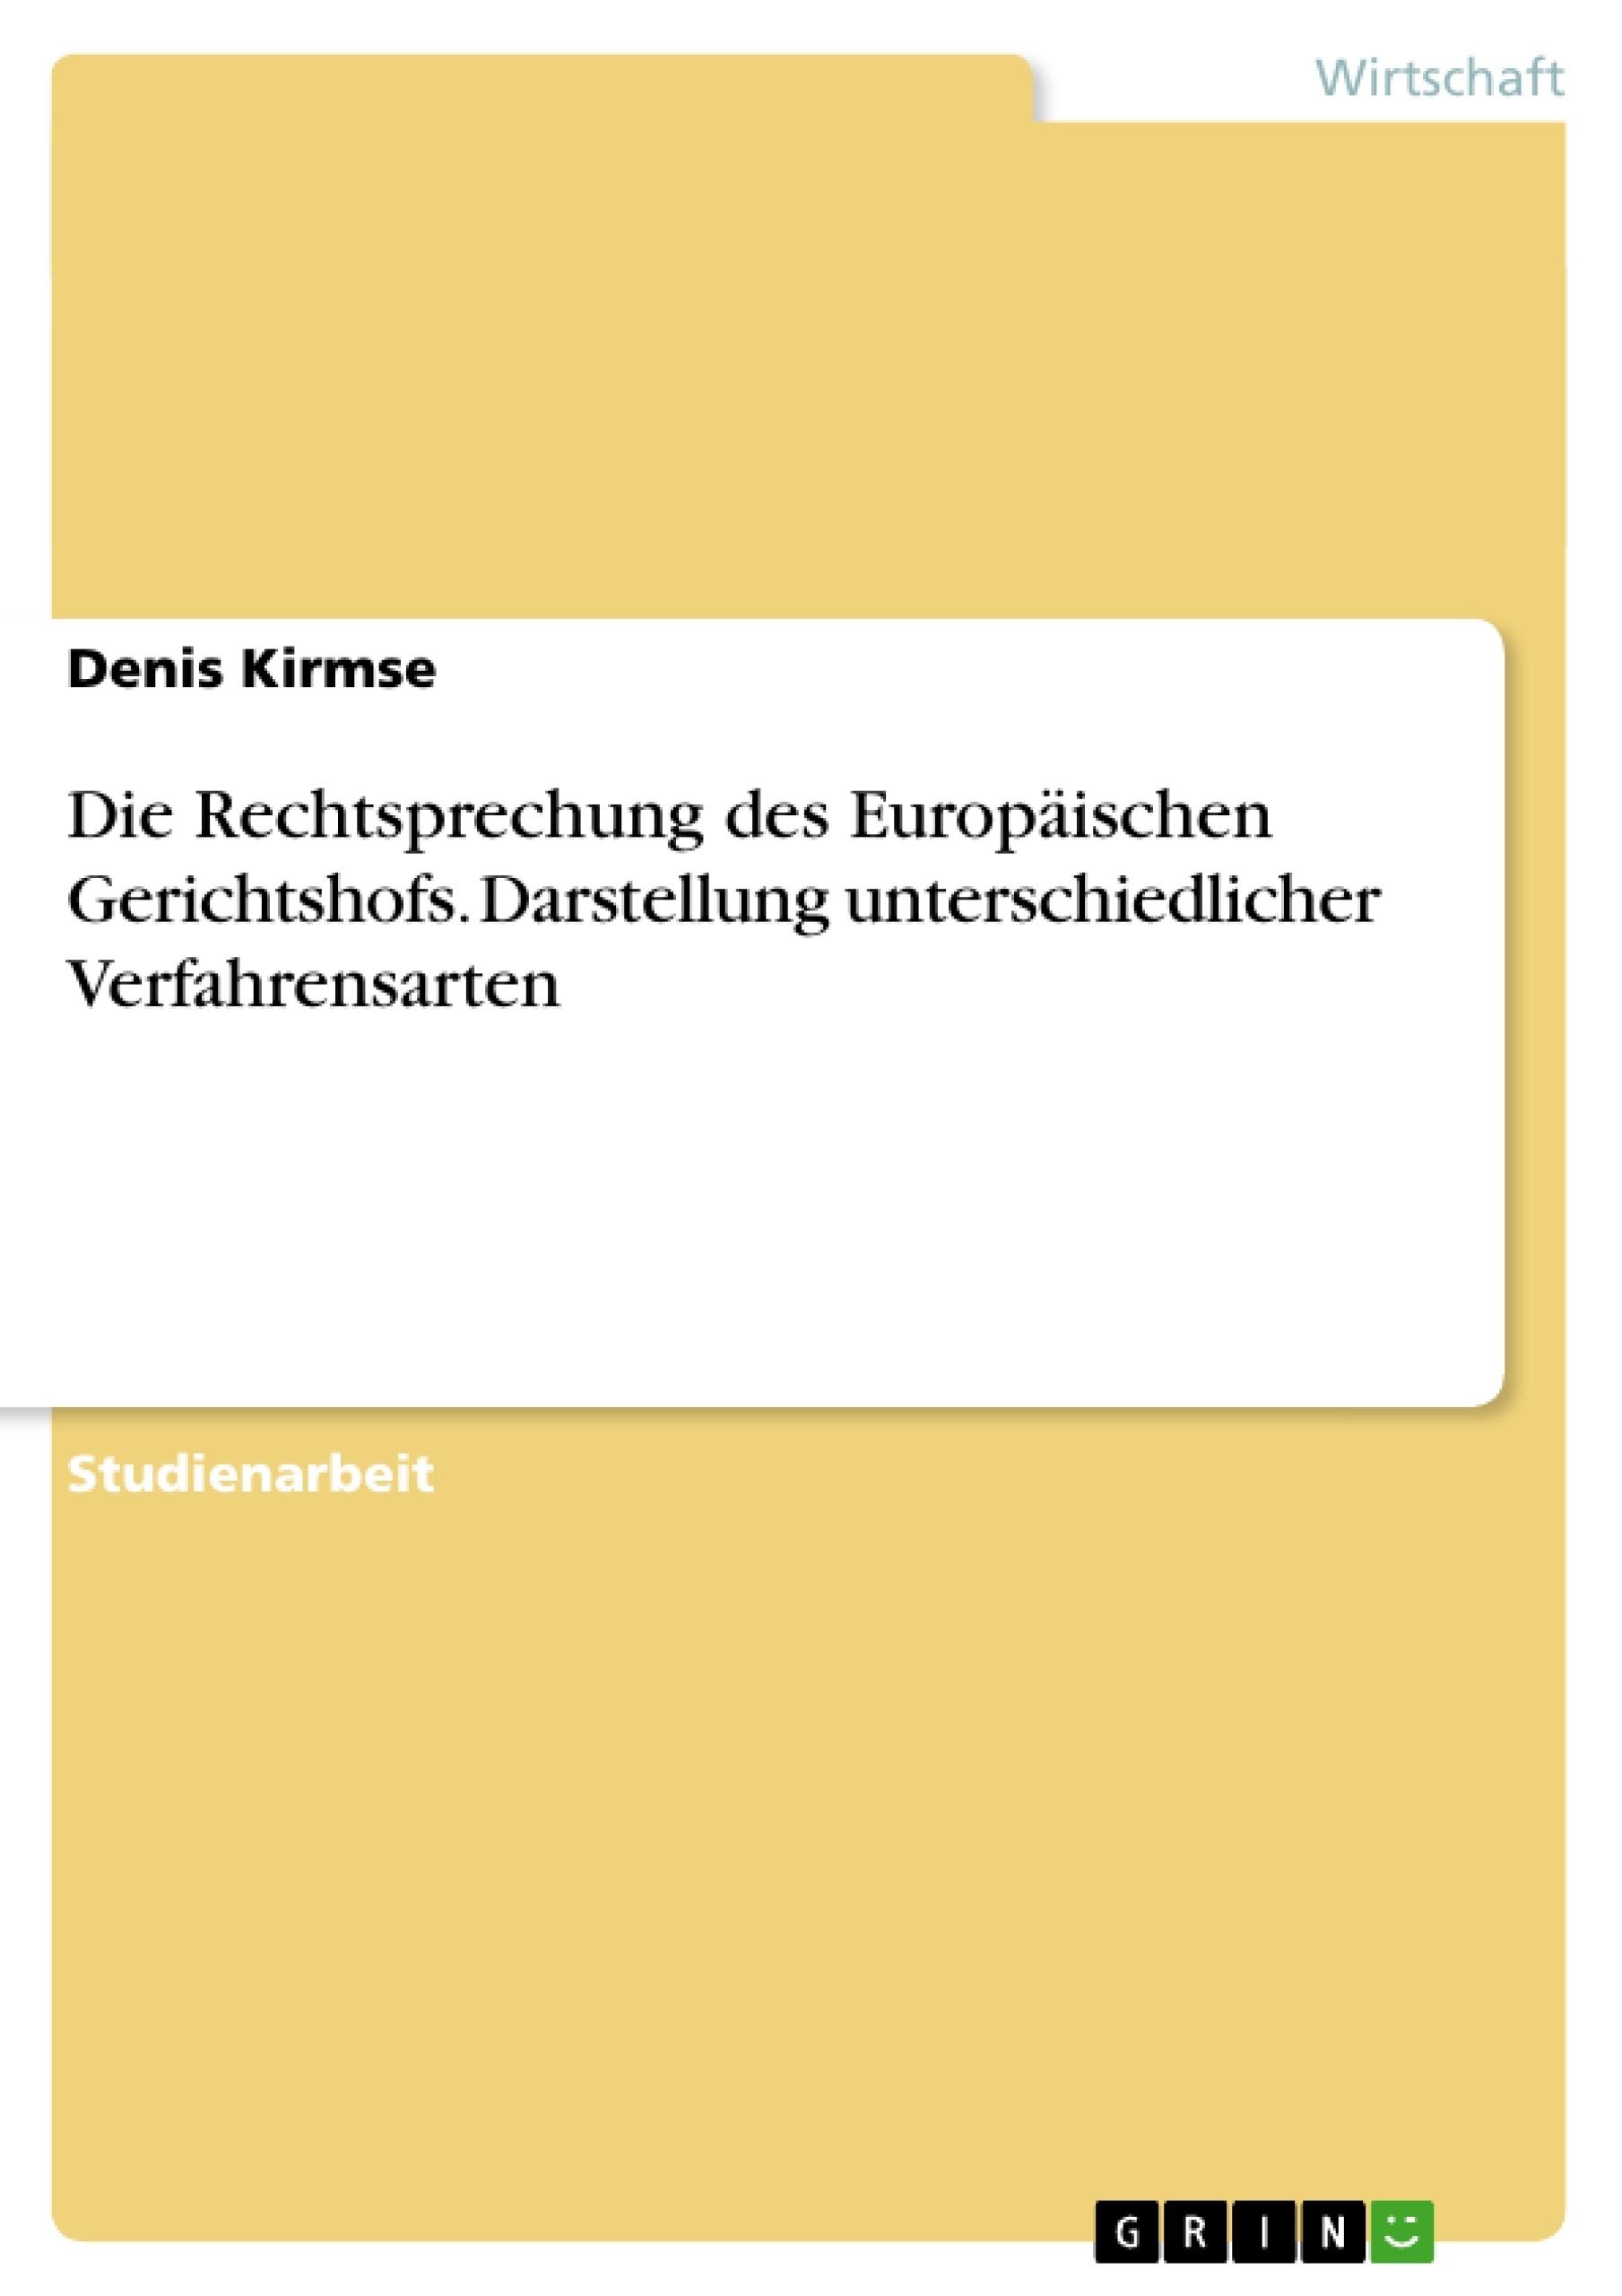 Titel: Die Rechtsprechung des Europäischen Gerichtshofs. Darstellung unterschiedlicher Verfahrensarten